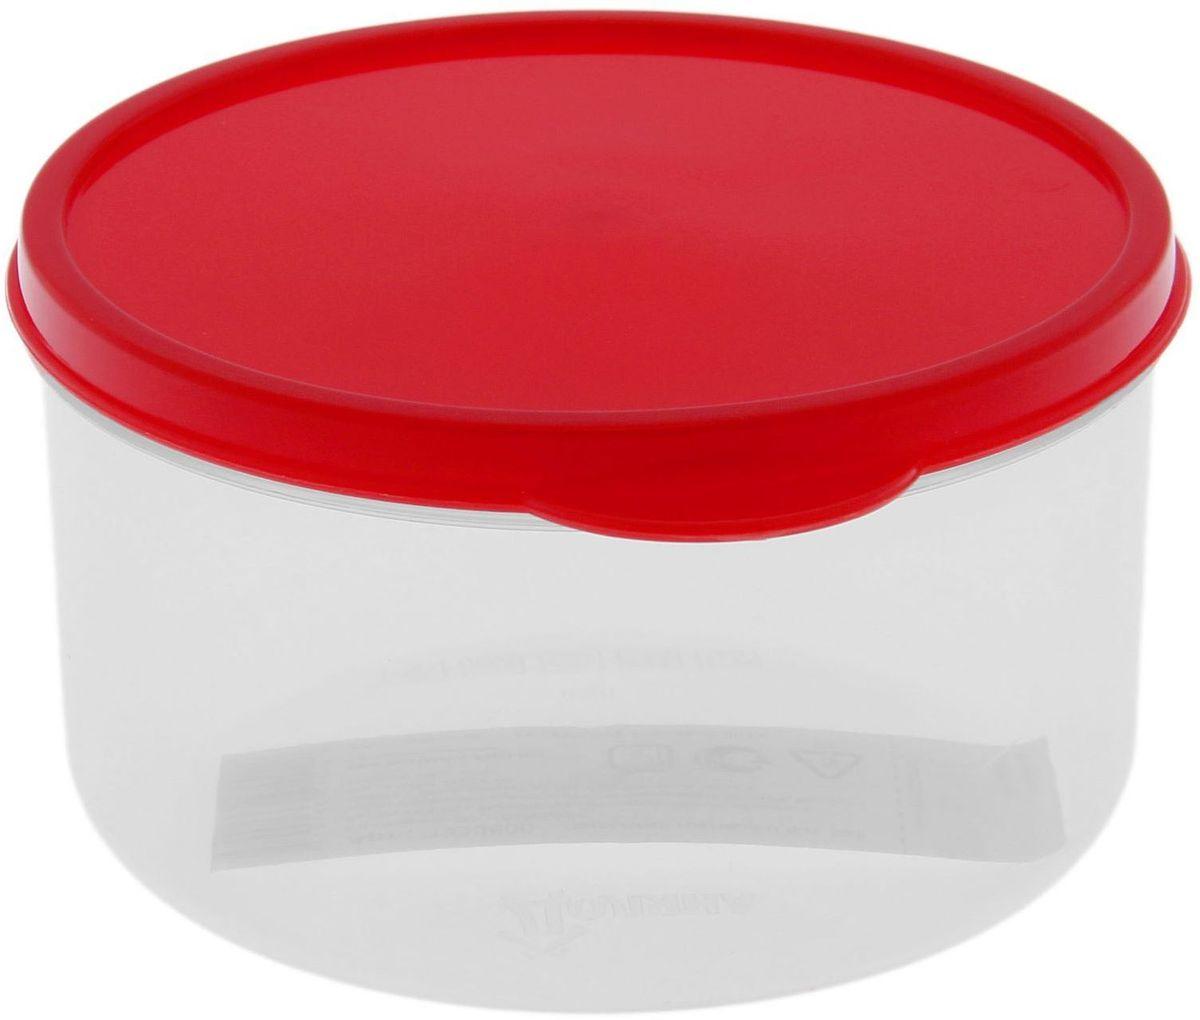 Контейнер пищевой Доляна, цвет: прозрачный, красный, 500 мл1333800Если после вкусного обеда осталась еда, а насладиться трапезой хочется и на следующий день, пищевой контейнер Доляна станет отличным решением данной проблемы!Такой контейнер является незаменимым предметом кухонной утвари, ведь у него много преимуществ:Простота ухода. Ланч-бокс достаточно промыть теплой водой с небольшим количеством чистящего средства, и он снова готов к использованию.Вместительность. Большой выбор форм и объема поможет разместить разнообразные продукты от сахара до супов.Эргономичность. Ланч-боксы очень легко хранить даже в самой маленькой кухне, так как их можно поставить один в другой по принципу матрешки.Многофункциональность. Разнообразие цветов и форм делает возможным использование контейнеров не только на кухне, но и в других областях домашнего быта.Любители приготовления обеда на всю семью в большинстве случаев приобретают контейнеры наборами, так как это позволяет рассортировать продукты по всевозможным признакам. К тому же контейнеры среднего размера станут незаменимыми помощниками на работе: ведь что может быть приятнее, чем порадовать себя во время обеда прекрасной едой, заботливо сохраненной в контейнере?В качестве материала для изготовления используется пластик, что делает процесс ухода за контейнером еще более эффективным. К каждому ланч-боксу в комплекте также прилагается крышка подходящего размера, это позволяет плотно и надёжно удерживать запах еды и упрощает процесс транспортировки.Однако рекомендуется соблюдать и меры предосторожности: не использовать пластиковые контейнеры в духовых шкафах и на открытом огне, а также не разогревать в микроволновых печах при закрытой крышке контейнера. Соблюдение мер безопасности позволит продлить срок эксплуатации и сохранить отличный внешний вид изделия.